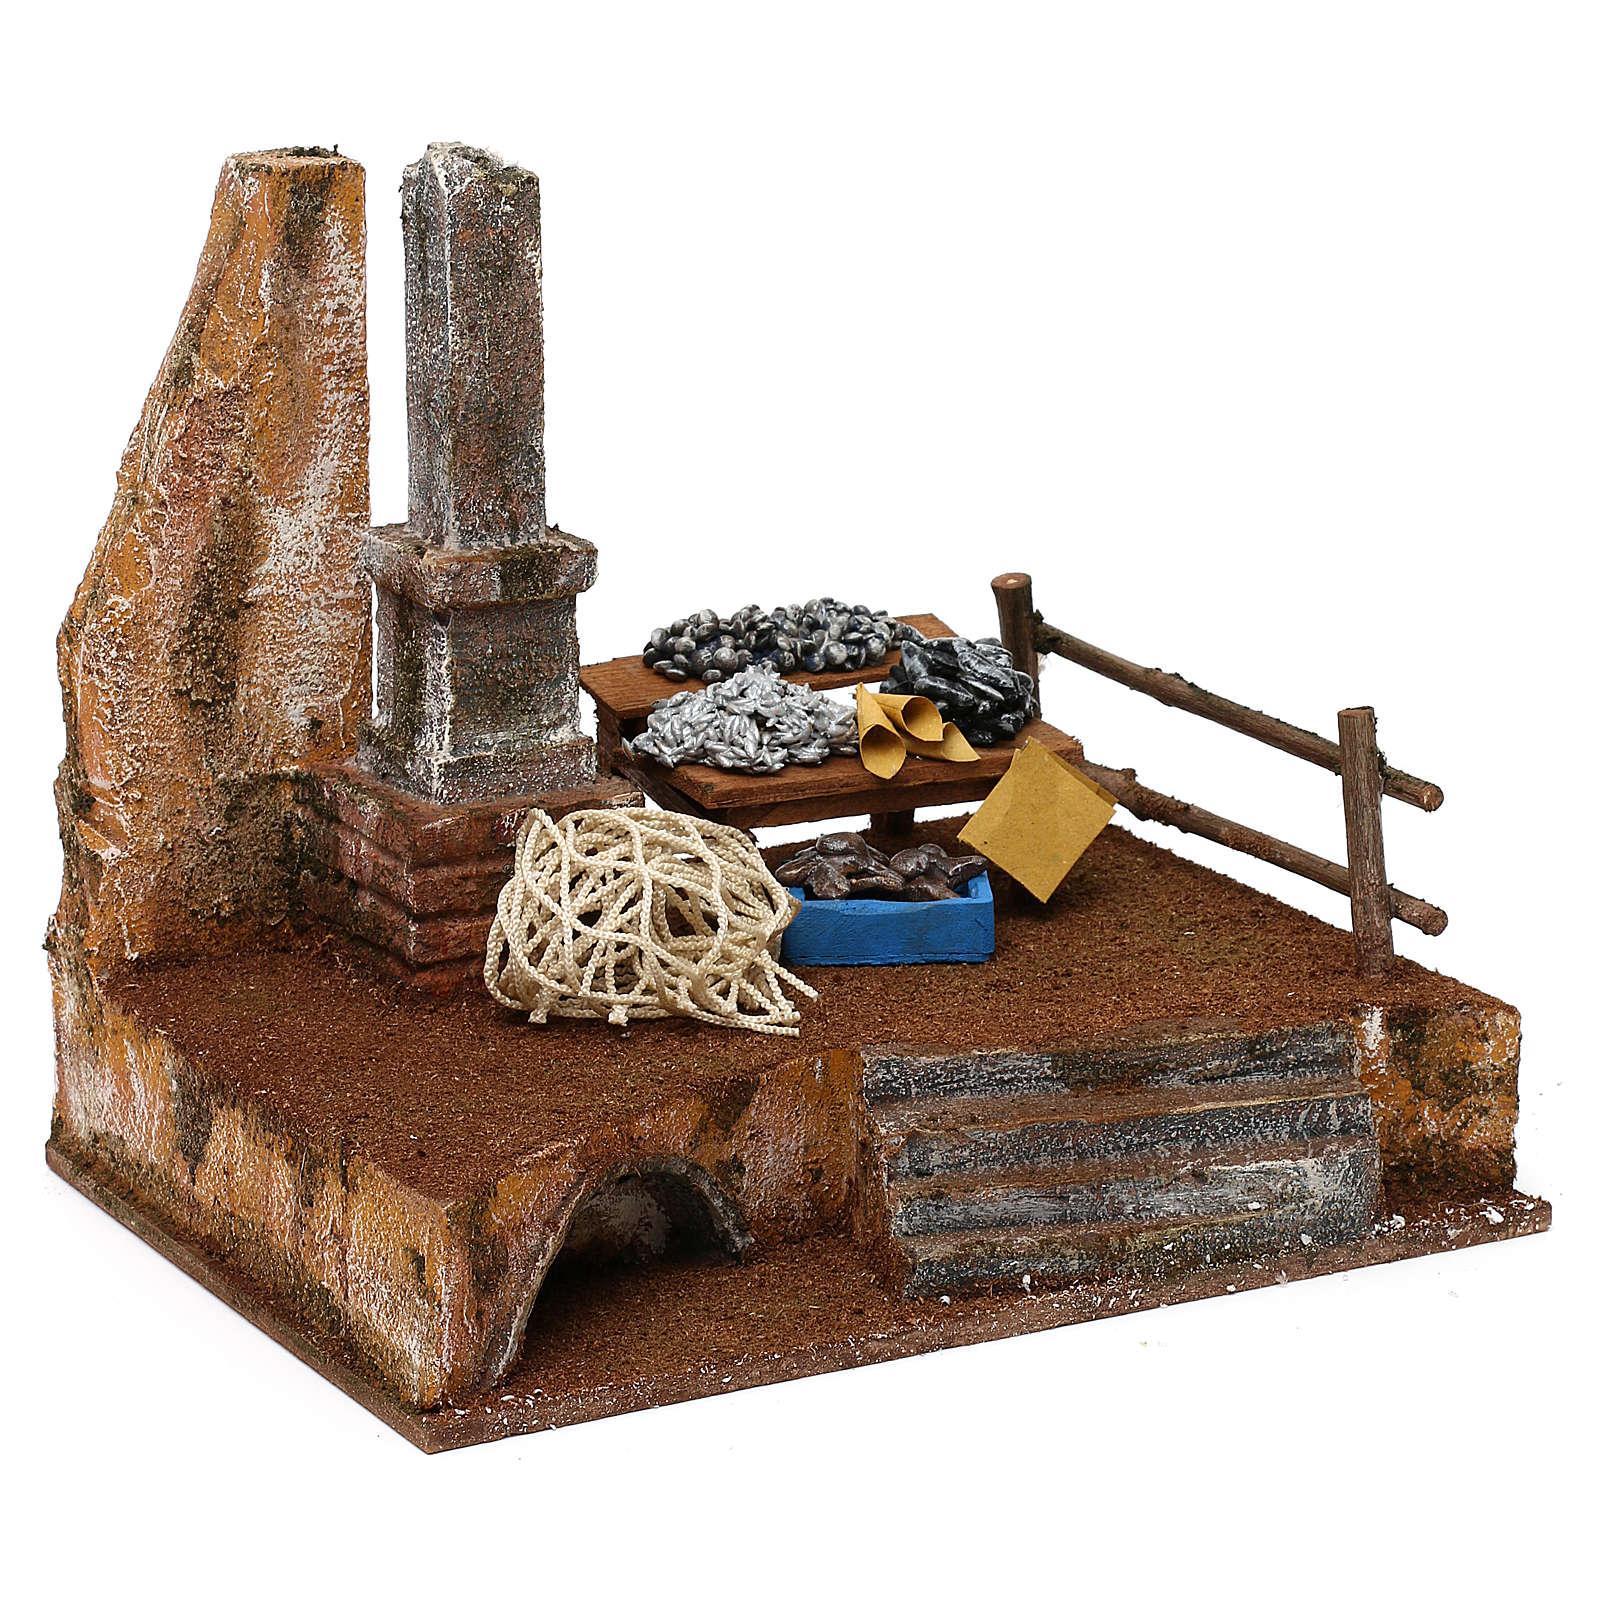 Fisherman's stand in resin Nativity scene 12 cm 20x25x20 cm 4